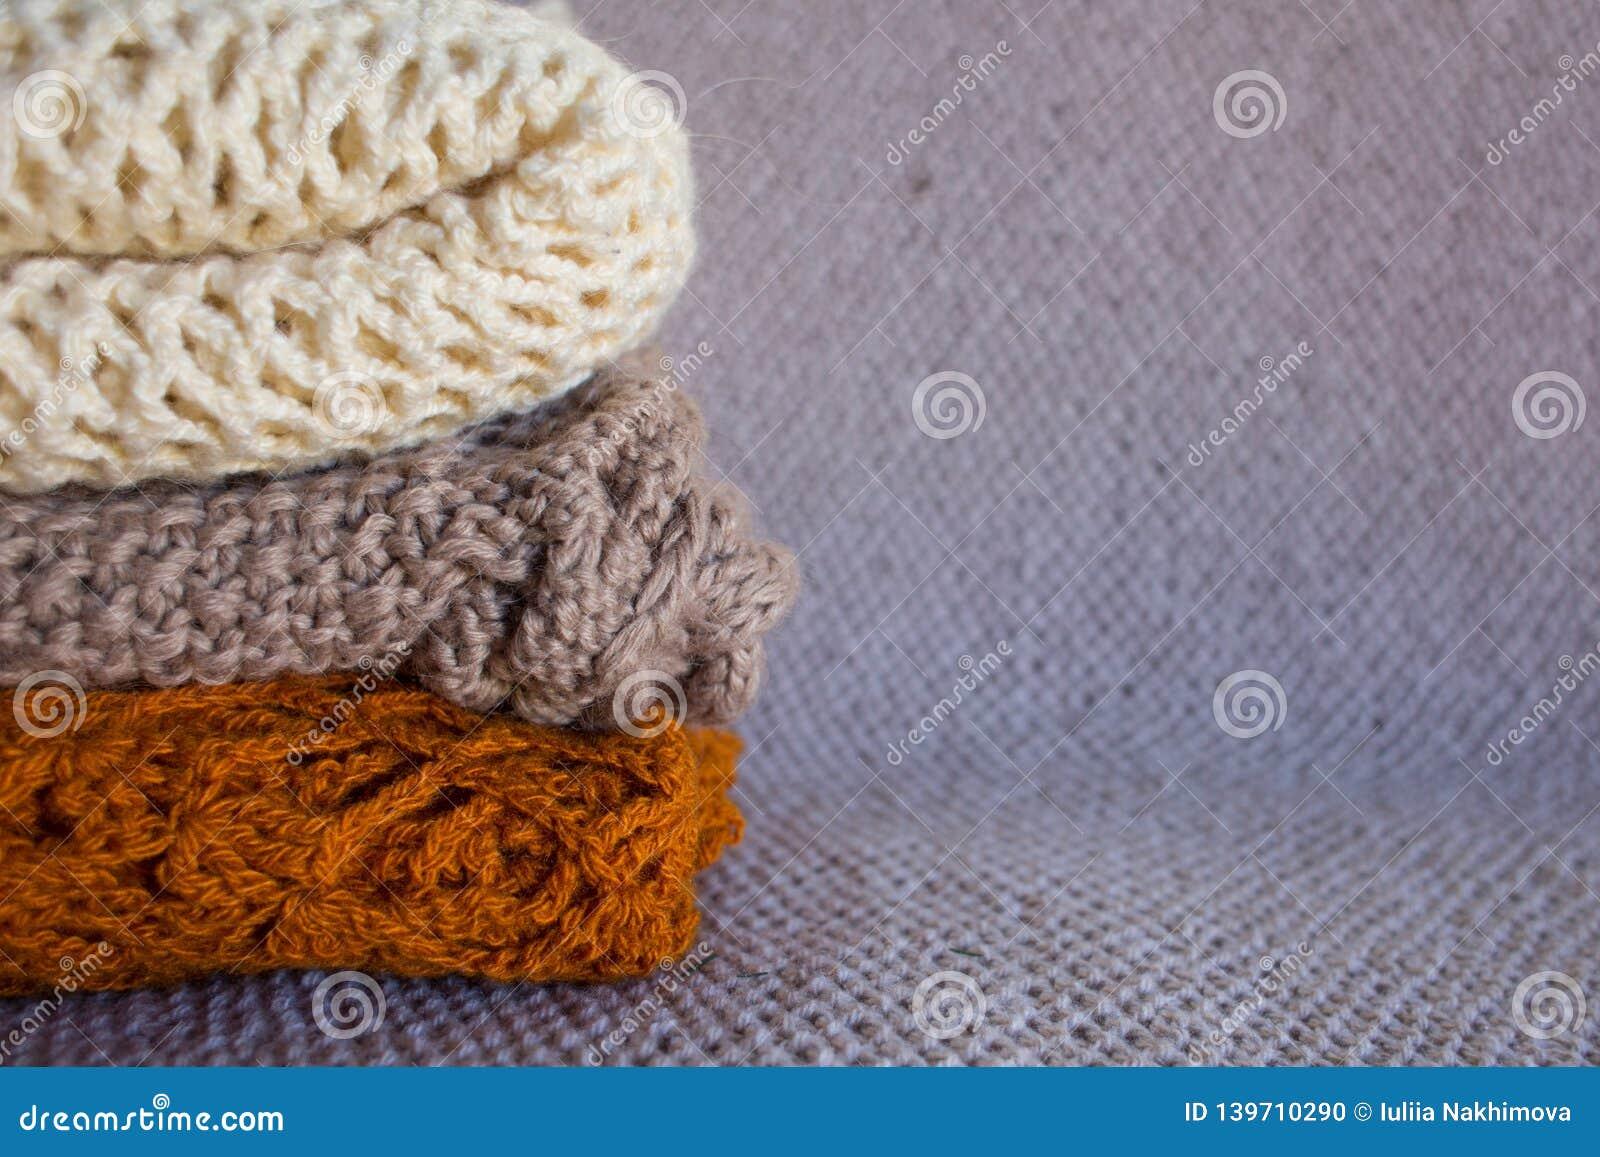 Knitting goods